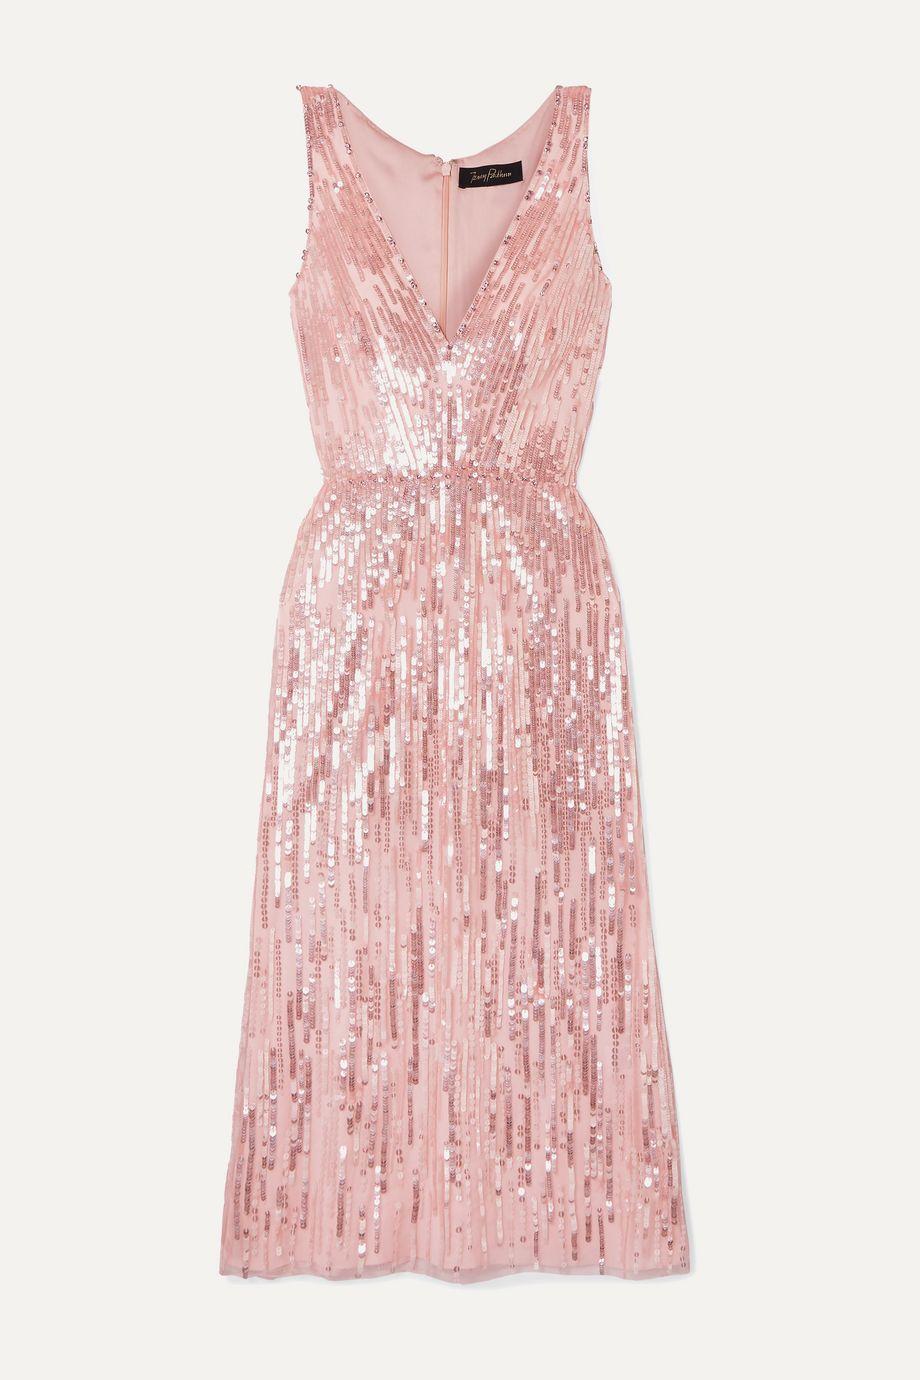 Jenny Packham Evia embellished tulle midi dress